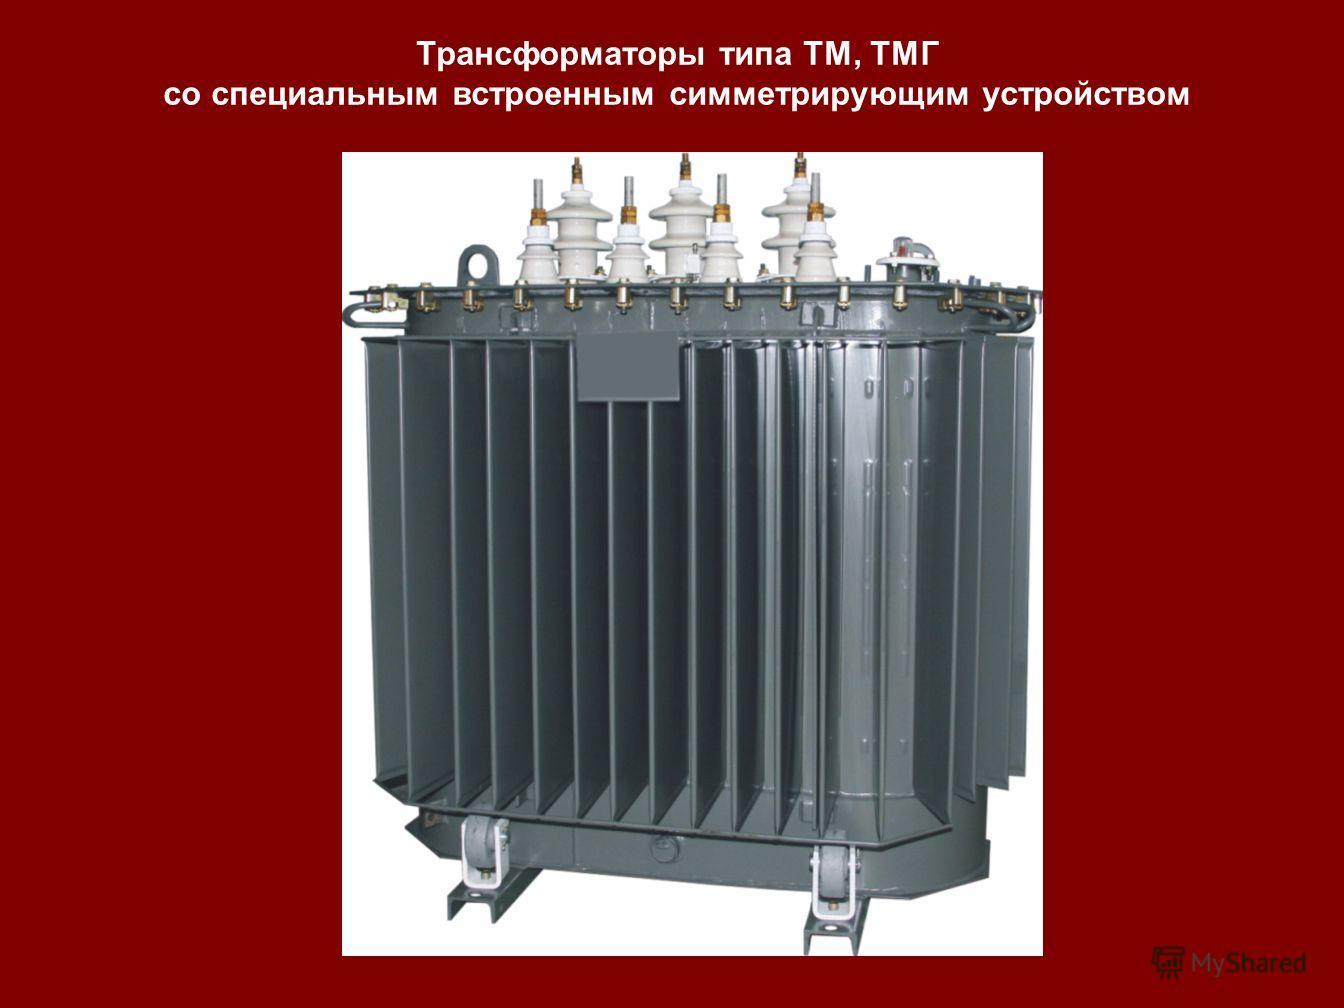 Трансформаторы типа ТМ, ТМГ со специальным встроенным симметрирующим устройством ФОТО ТМГСУ